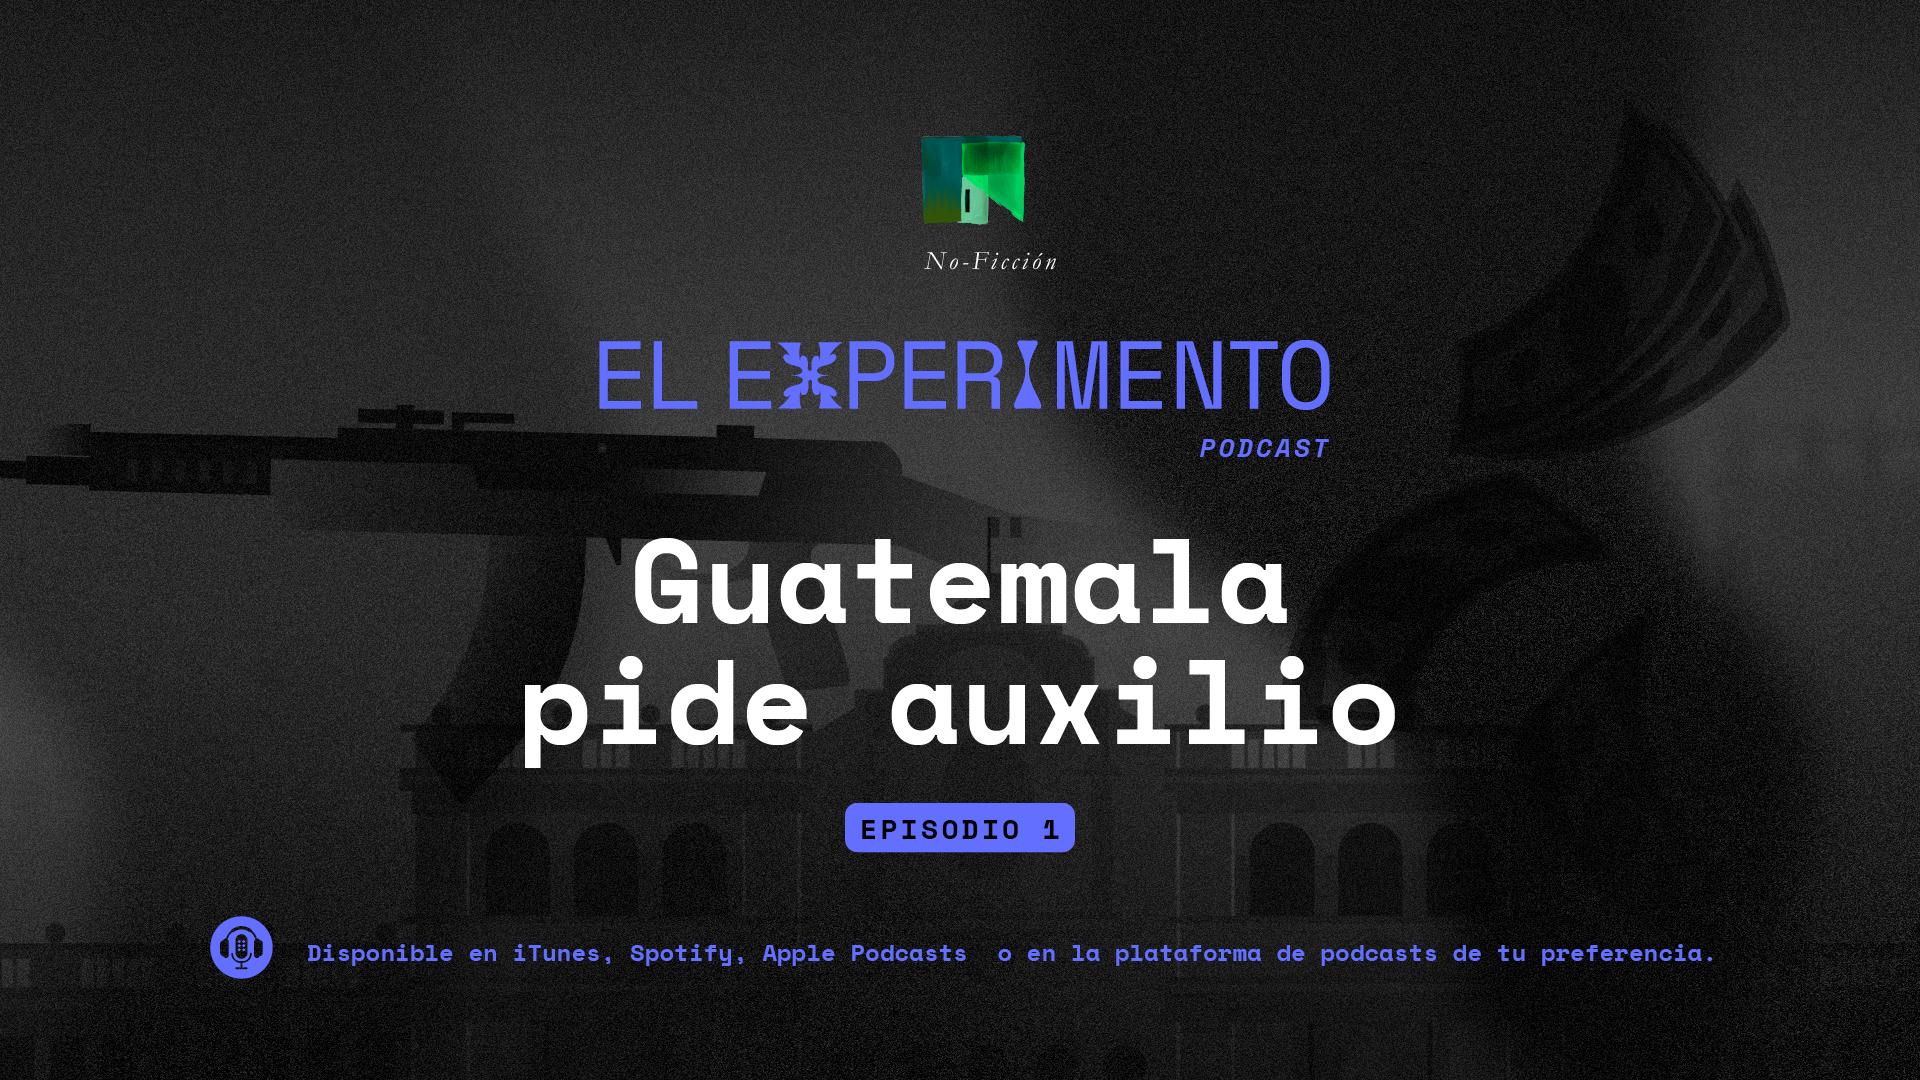 Guatemala pide auxilio EP01 - El Experimento